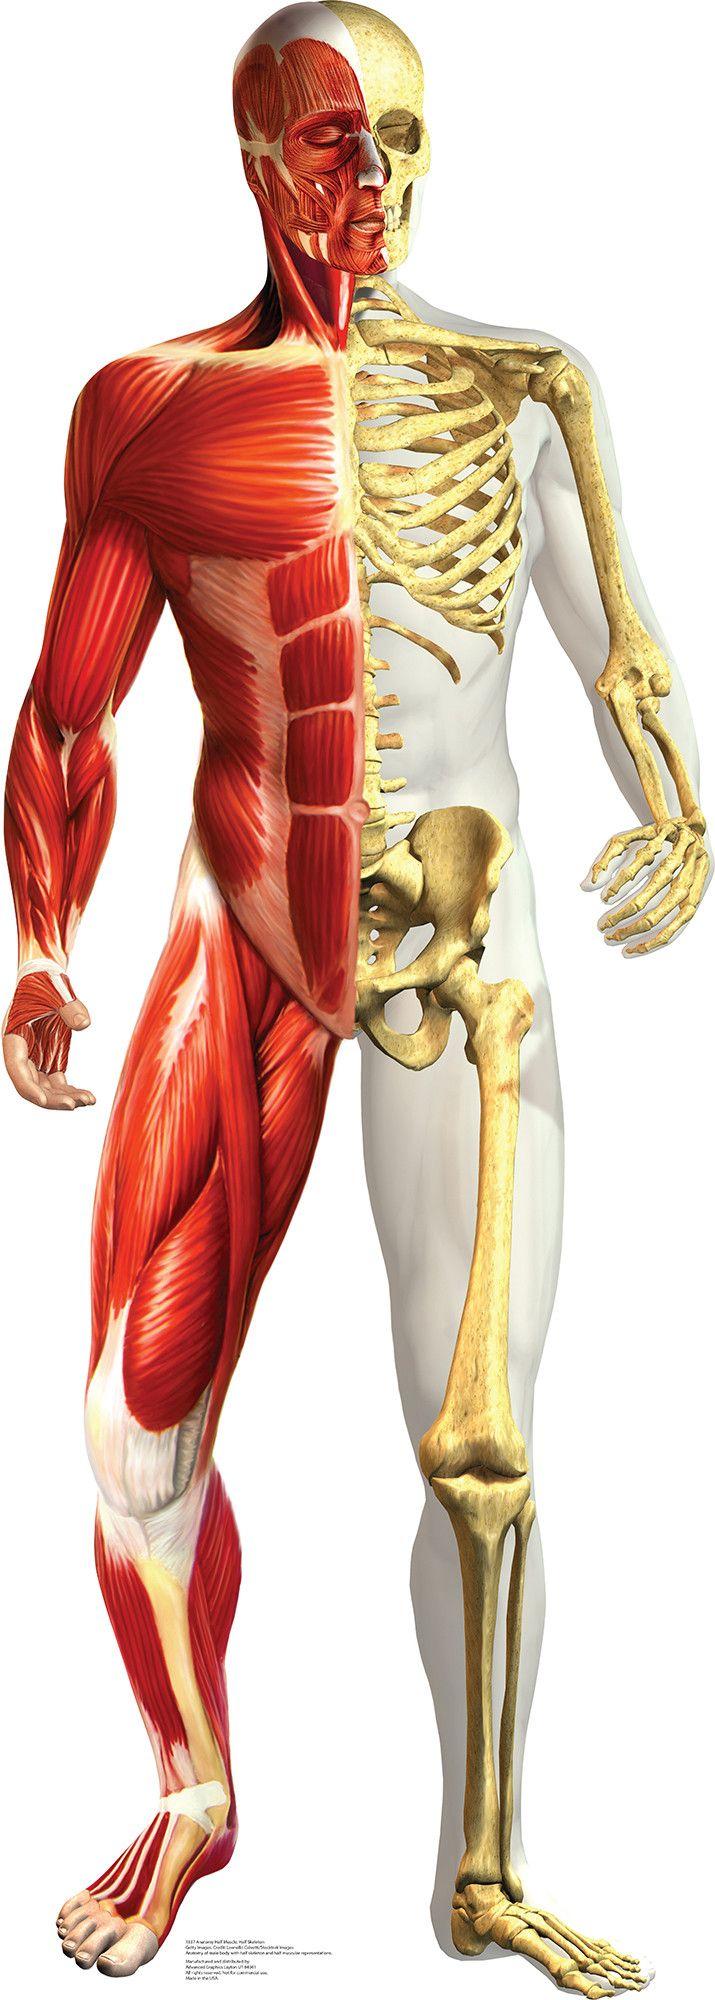 Anatomy Half Muscle Half Skeleton Cardboard Standup